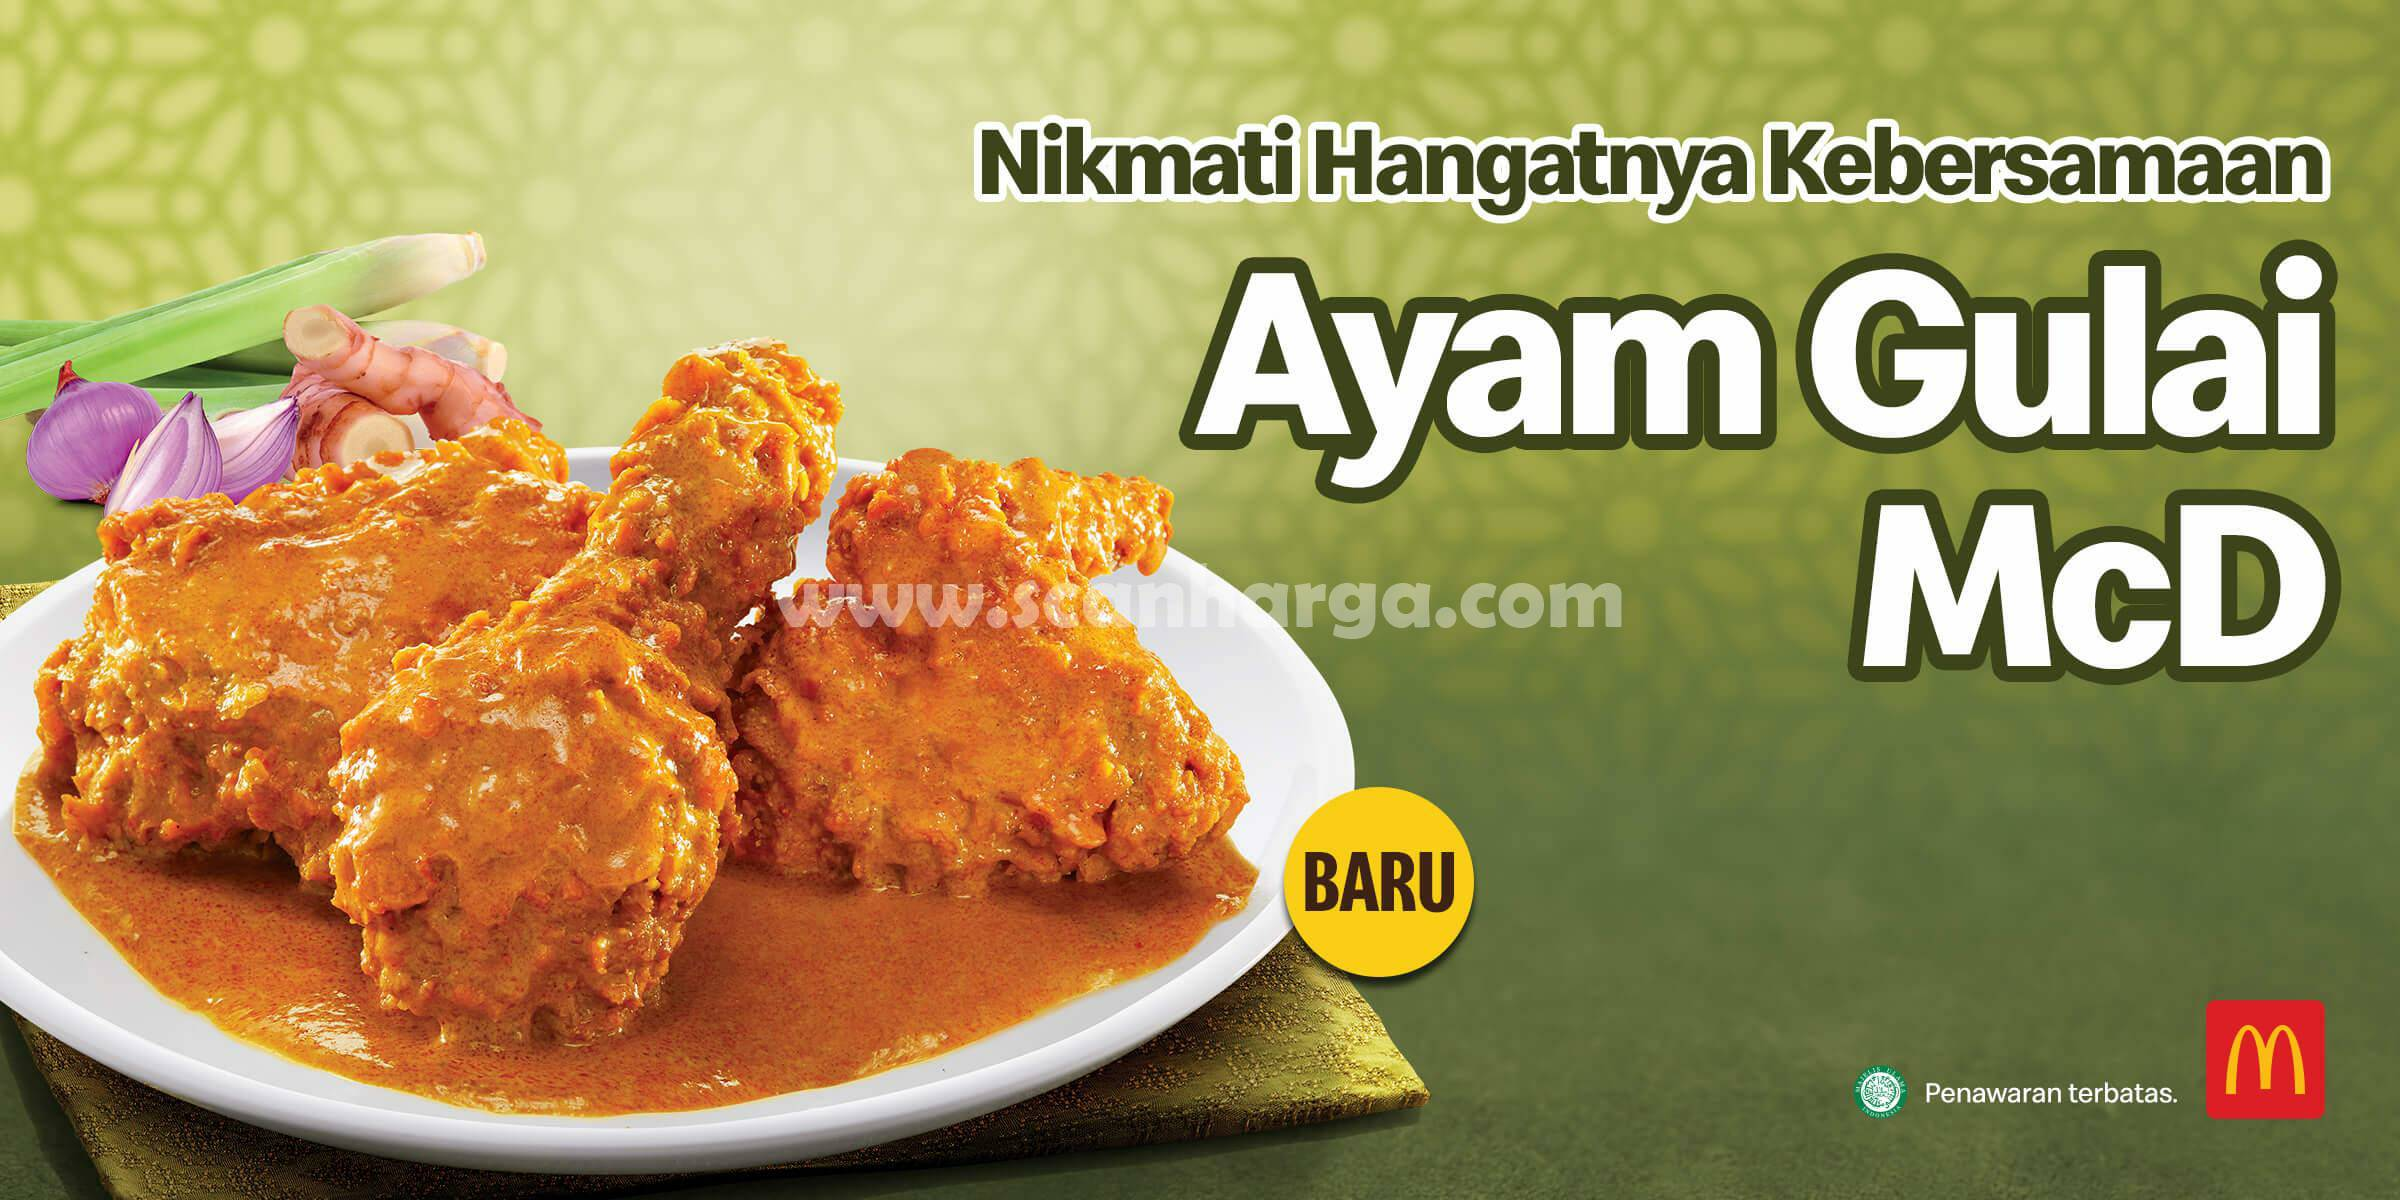 BARU! Ayam Gulai McD! Menu Ramadan dari McDonalds